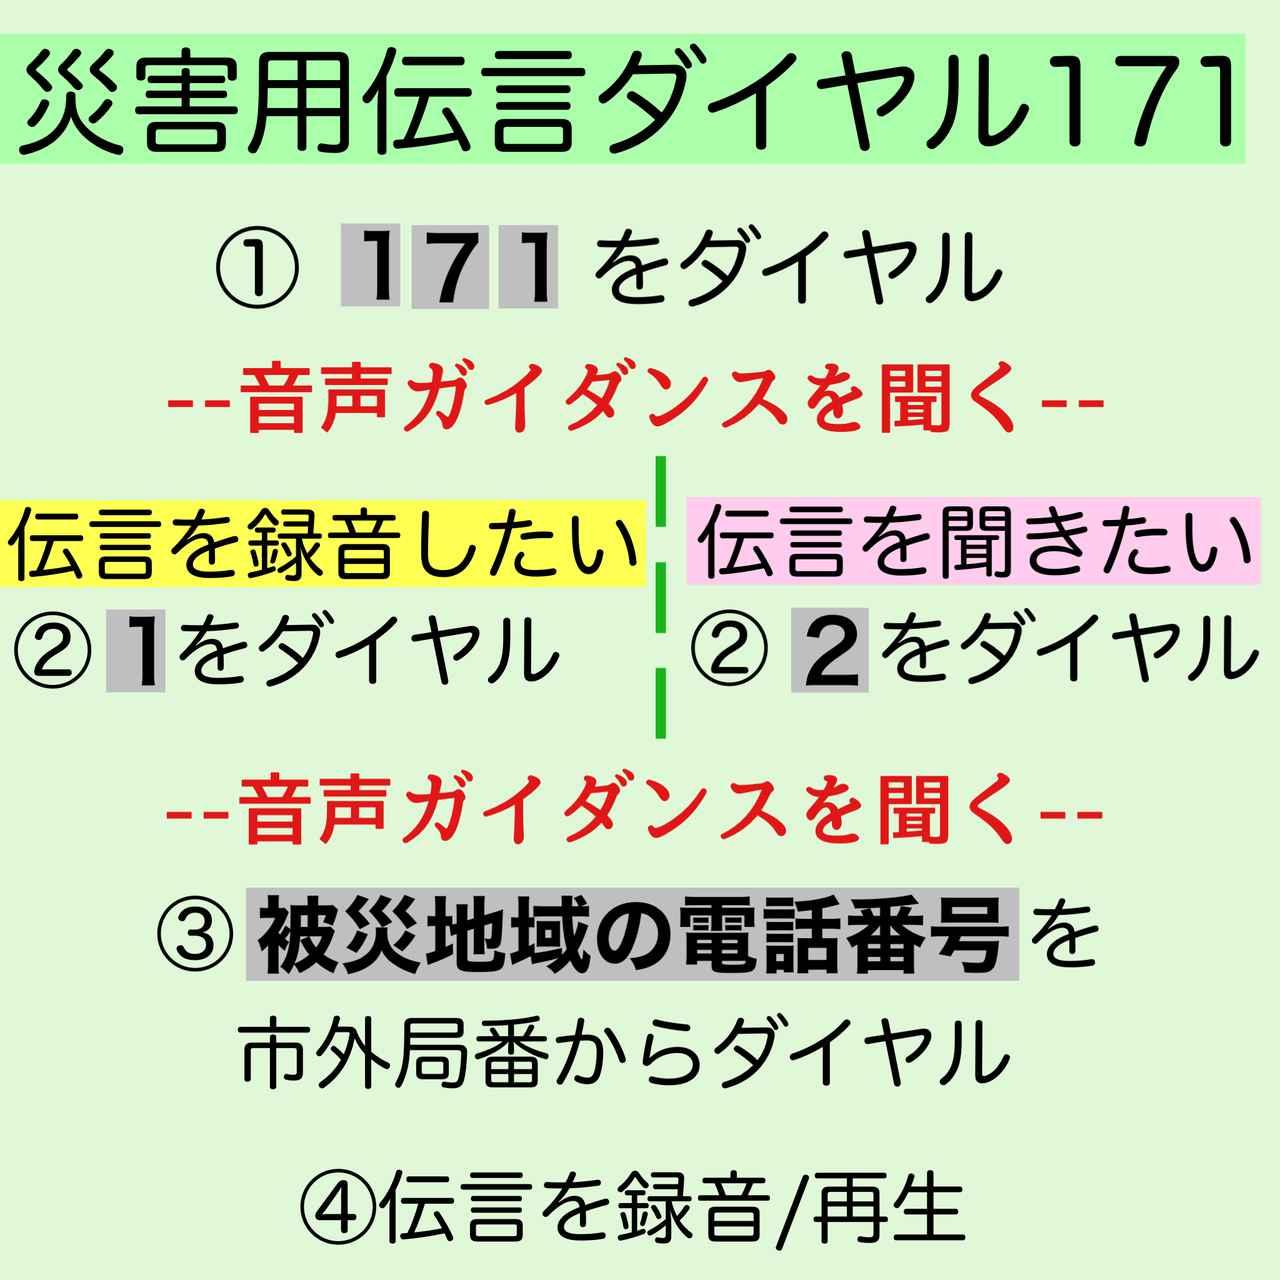 画像: 災害用伝言ダイヤル171の基本の手順。暗証番号を設定する方法もある。